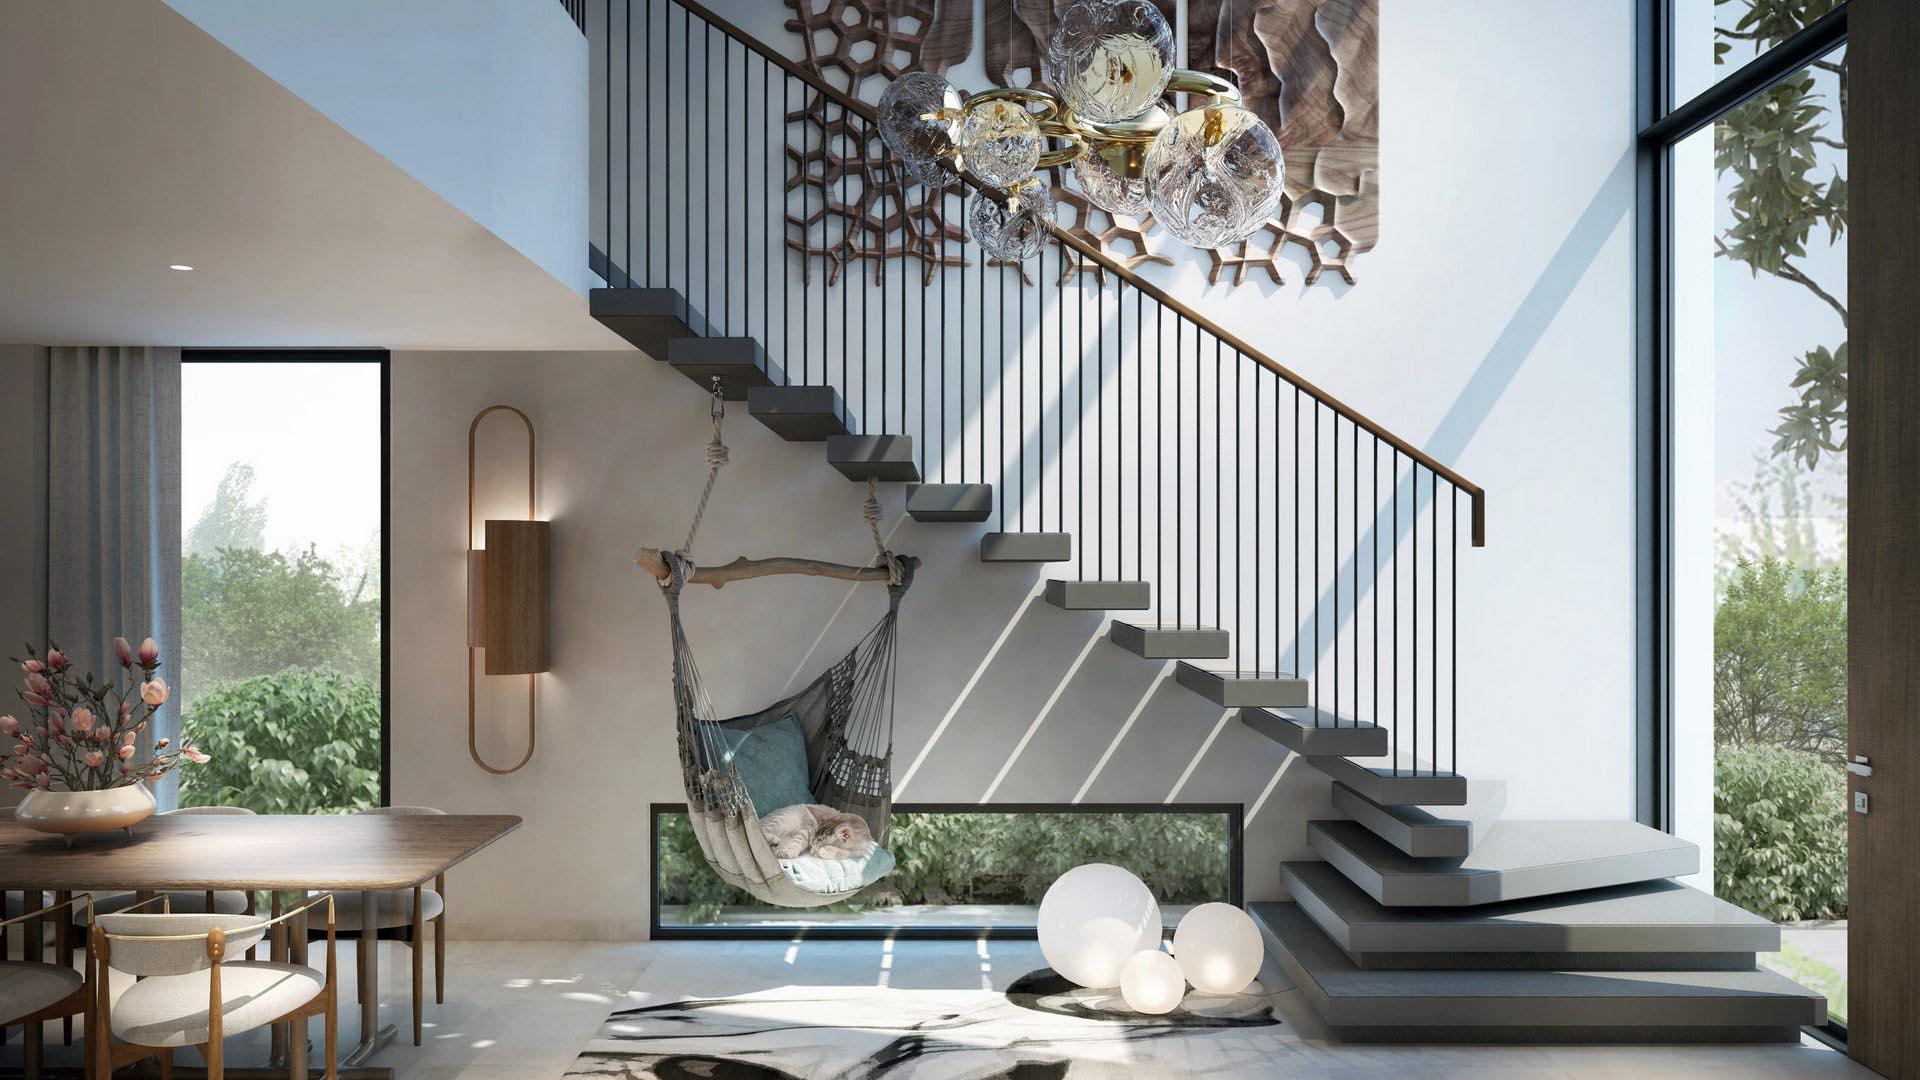 Villa en venta en Dubai, EAU, 4 dormitorios, 217 m2, № 24668 – foto 1